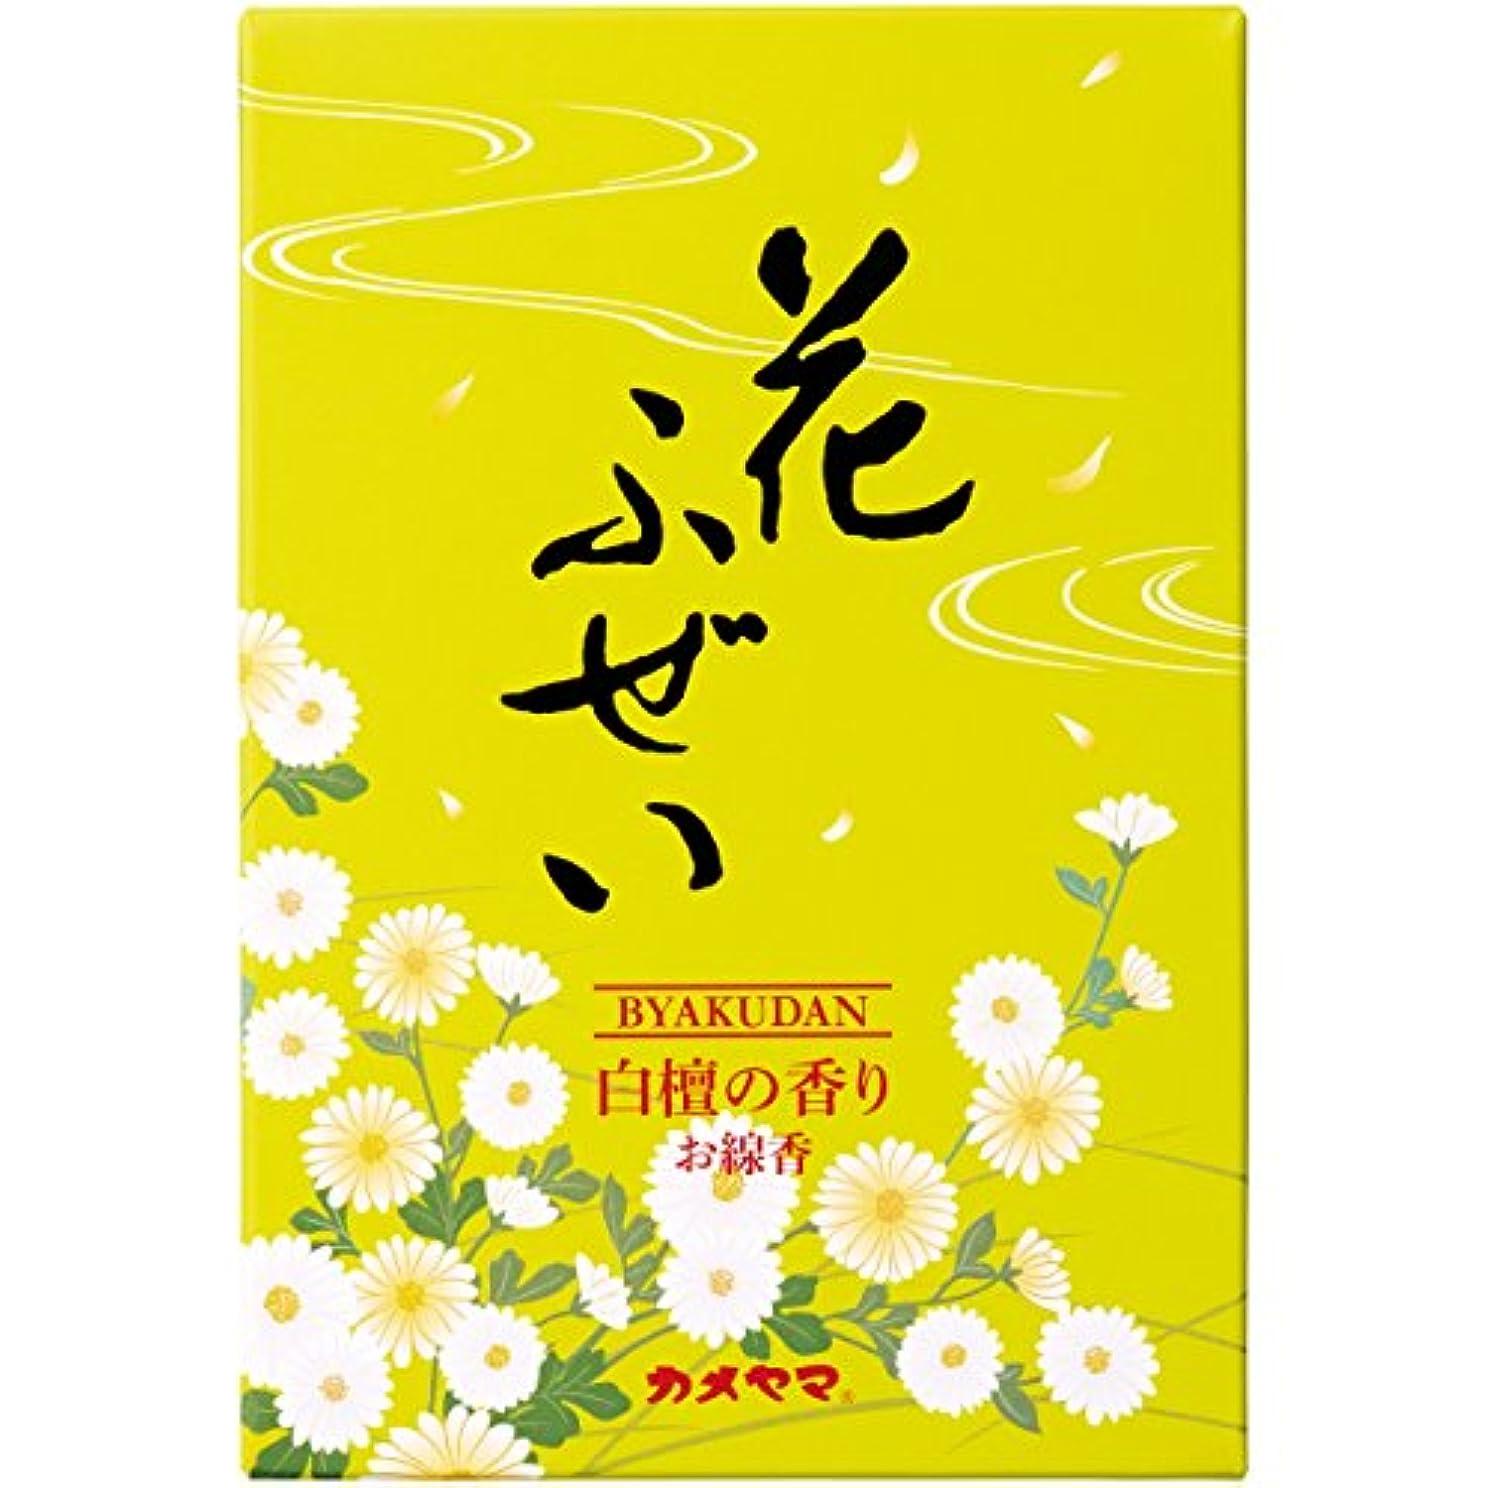 規模ハウジングの量カメヤマ 花ふぜい(黄)白檀 徳用大型